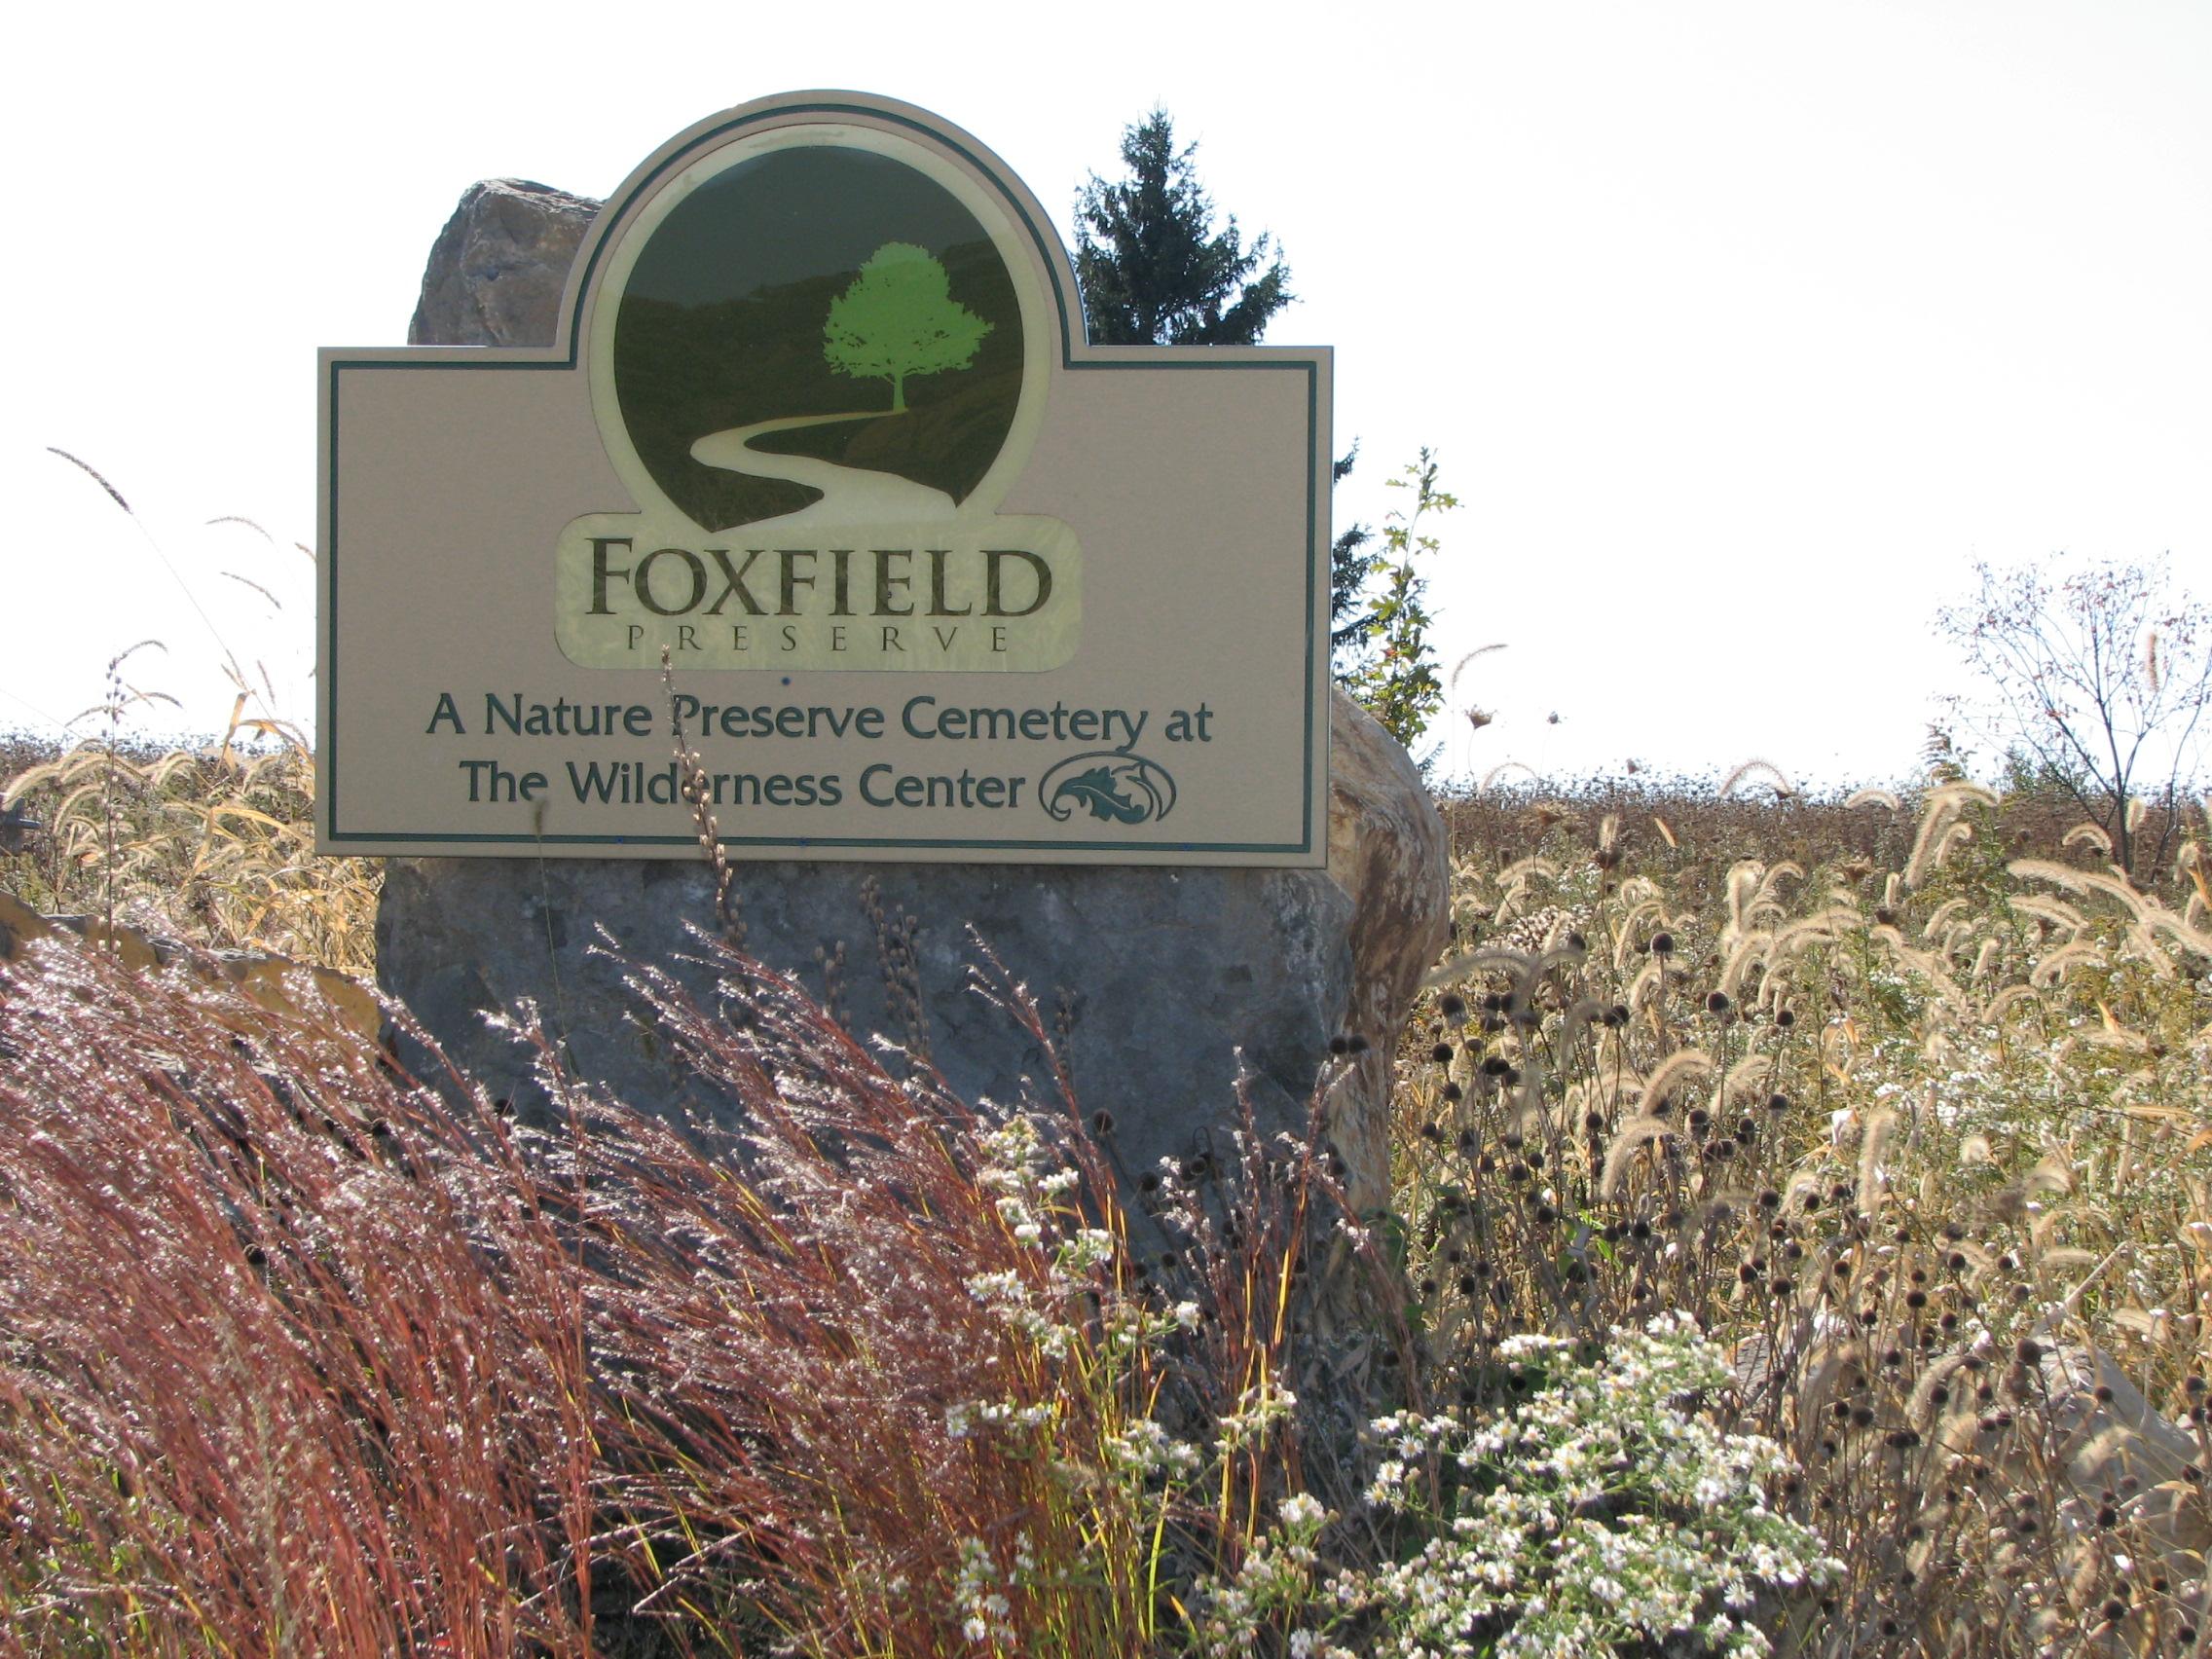 Ohio: Foxfield Preserve